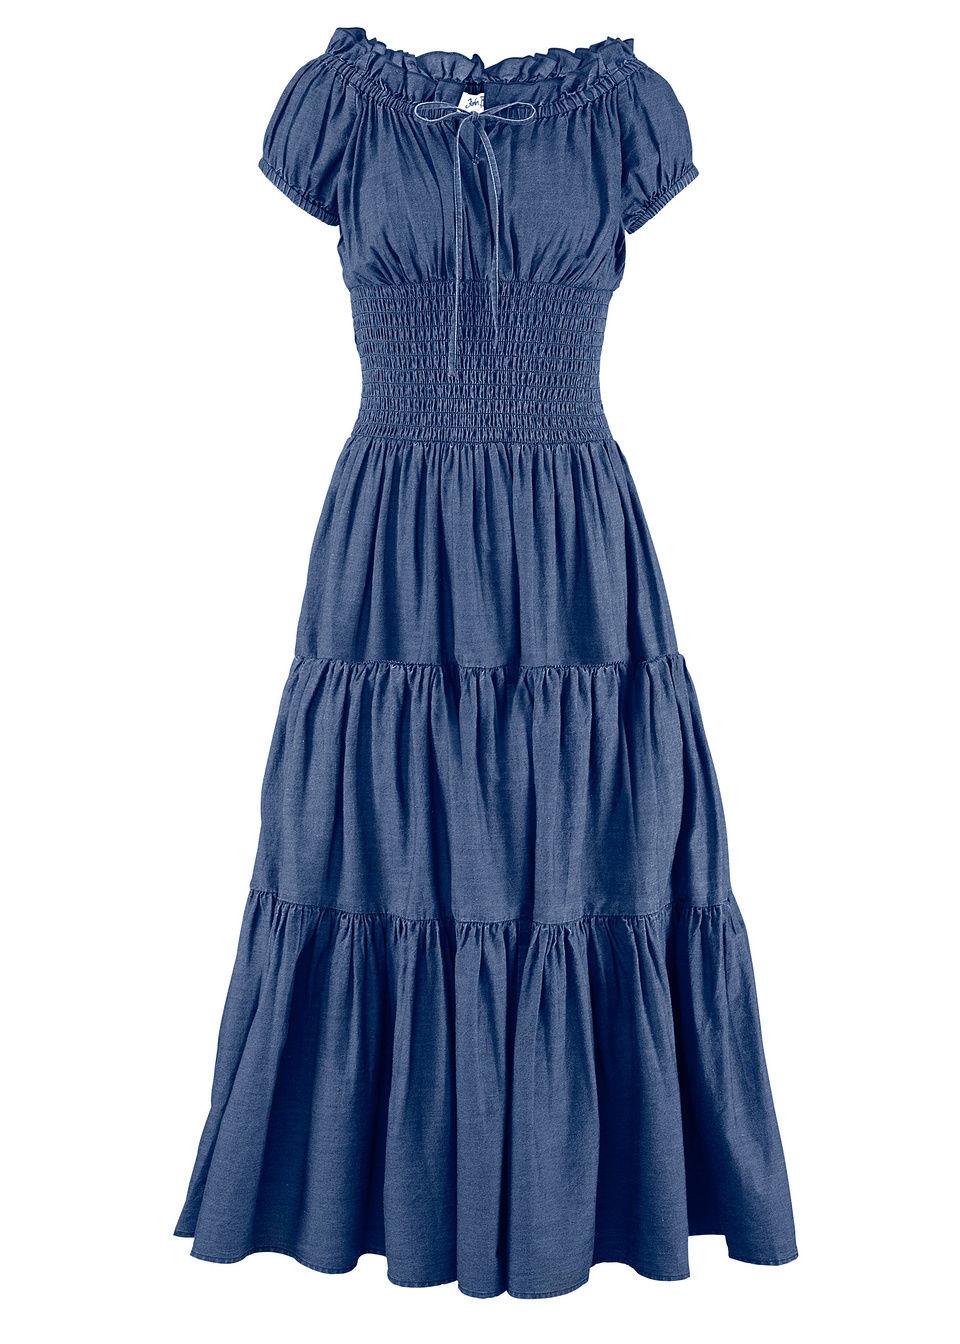 Купить Летнее платье, bonprix, темно-синий